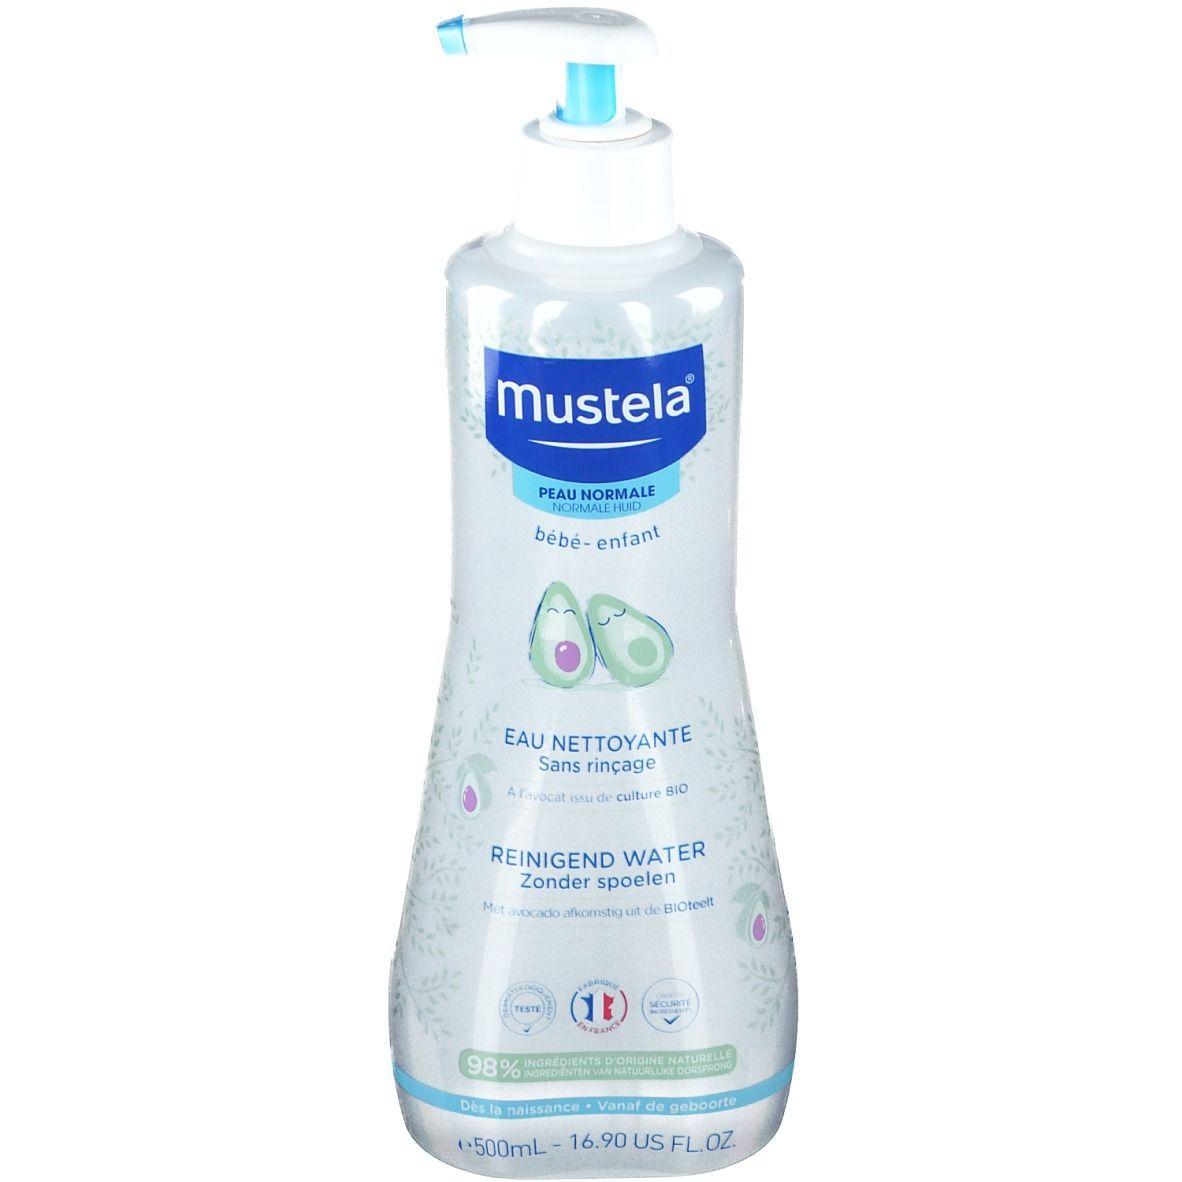 mustela® Bébé Enfant Eau Nettoyante Sans Rinçage Peau Normale ml produit(s) démaquillant(s)